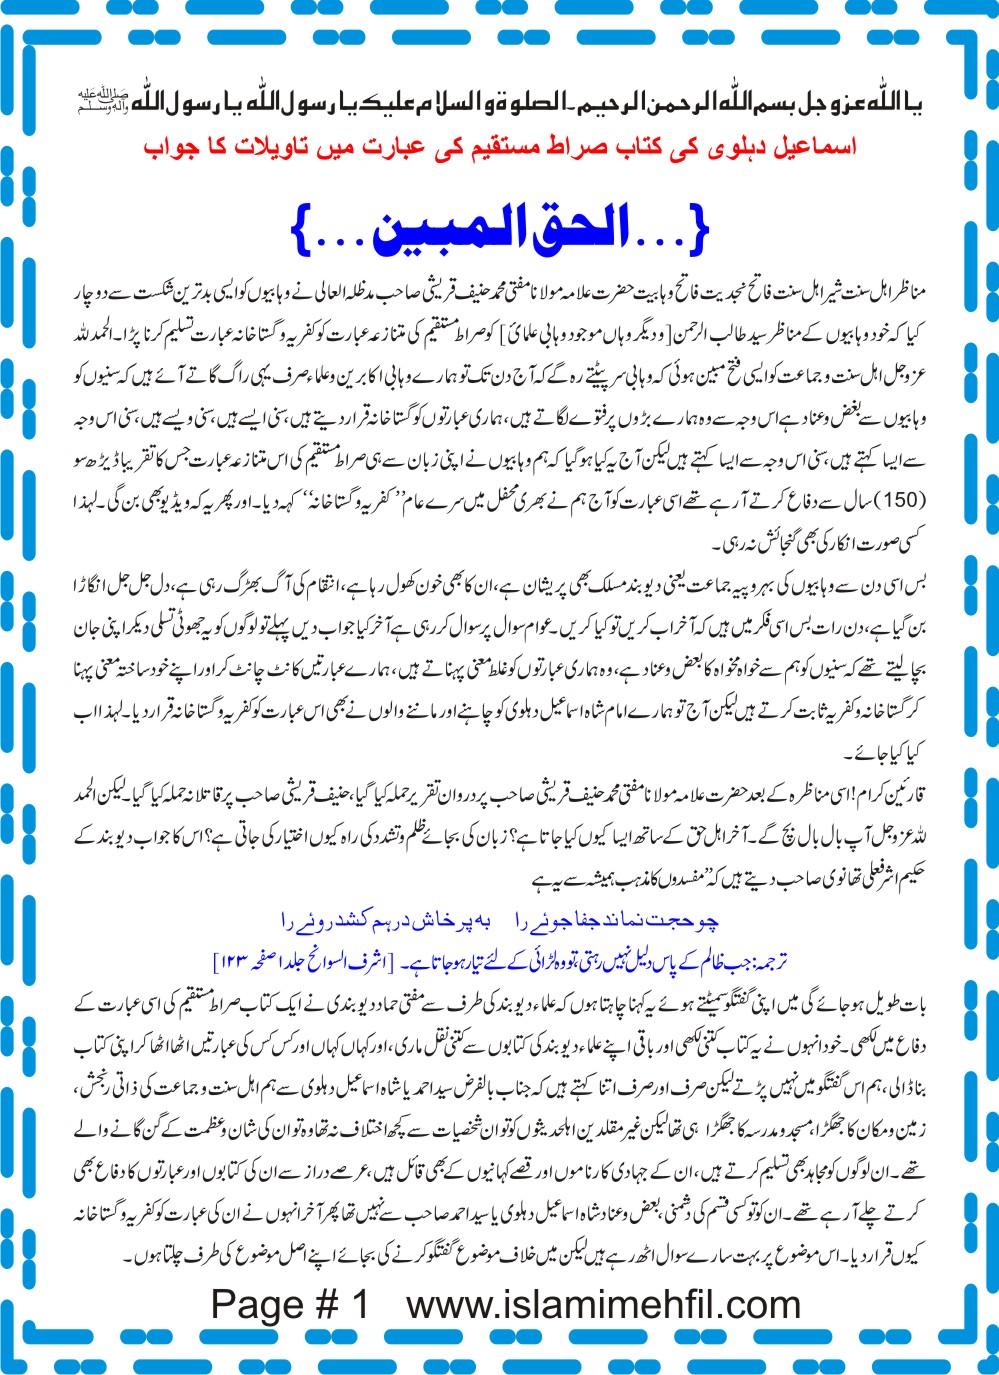 Siratul Mustaqeem (1).jpg